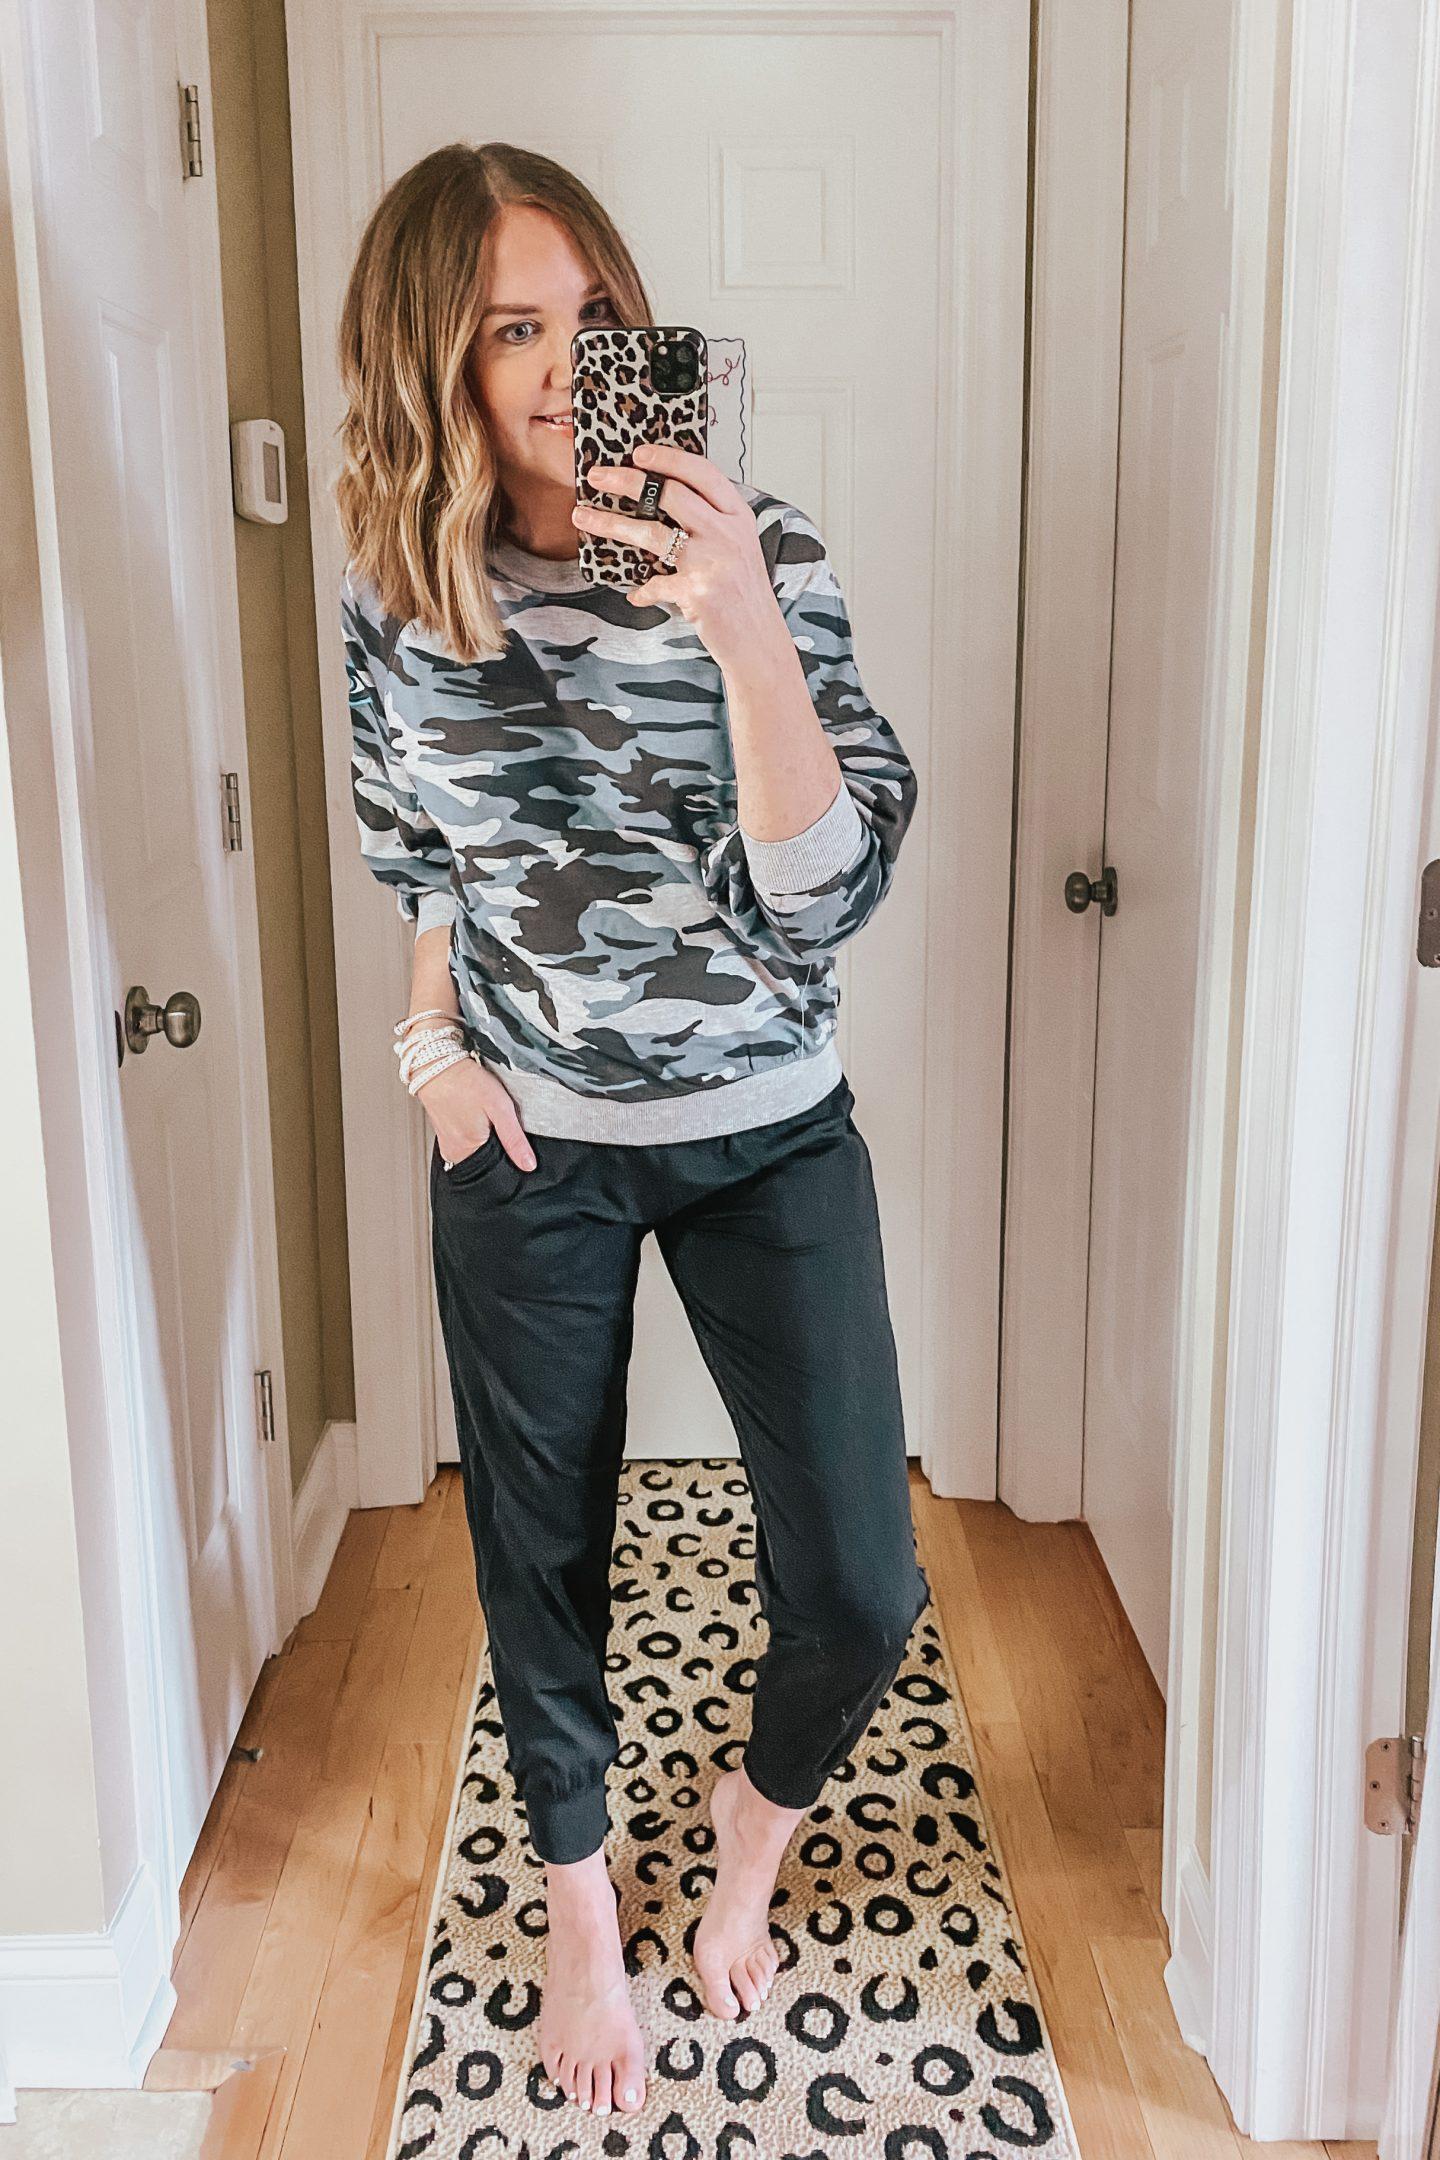 Sofia Vergara camo sweatshirt